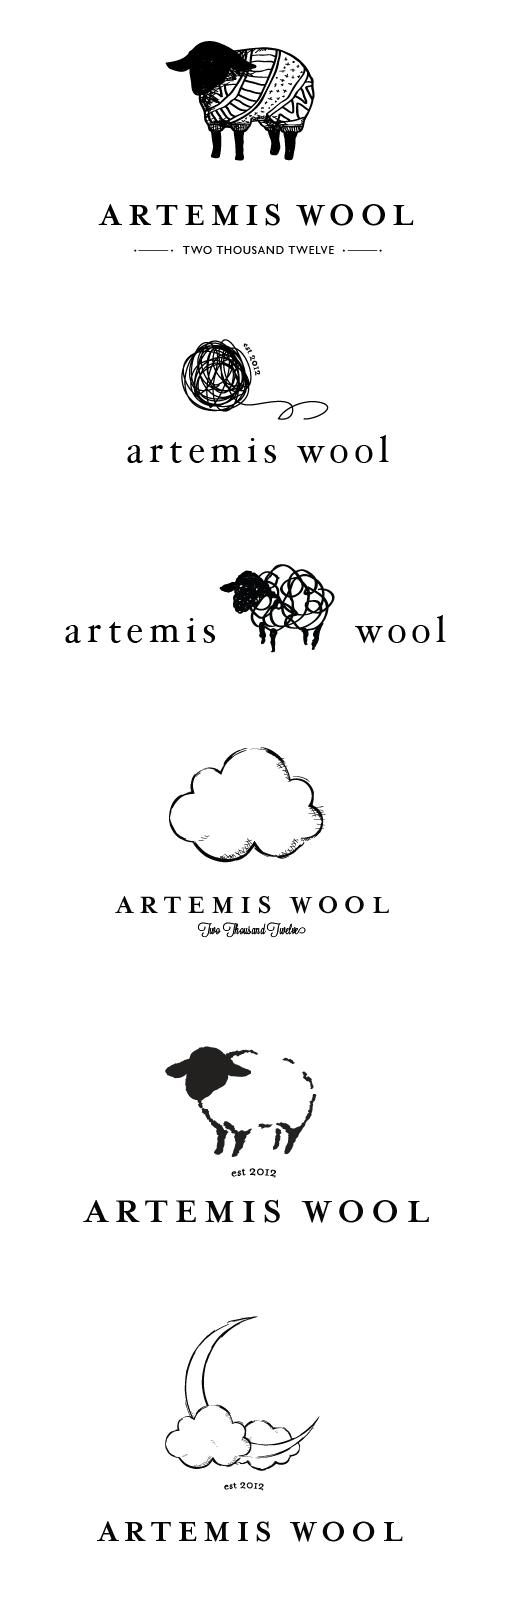 Artemis Wool identity options